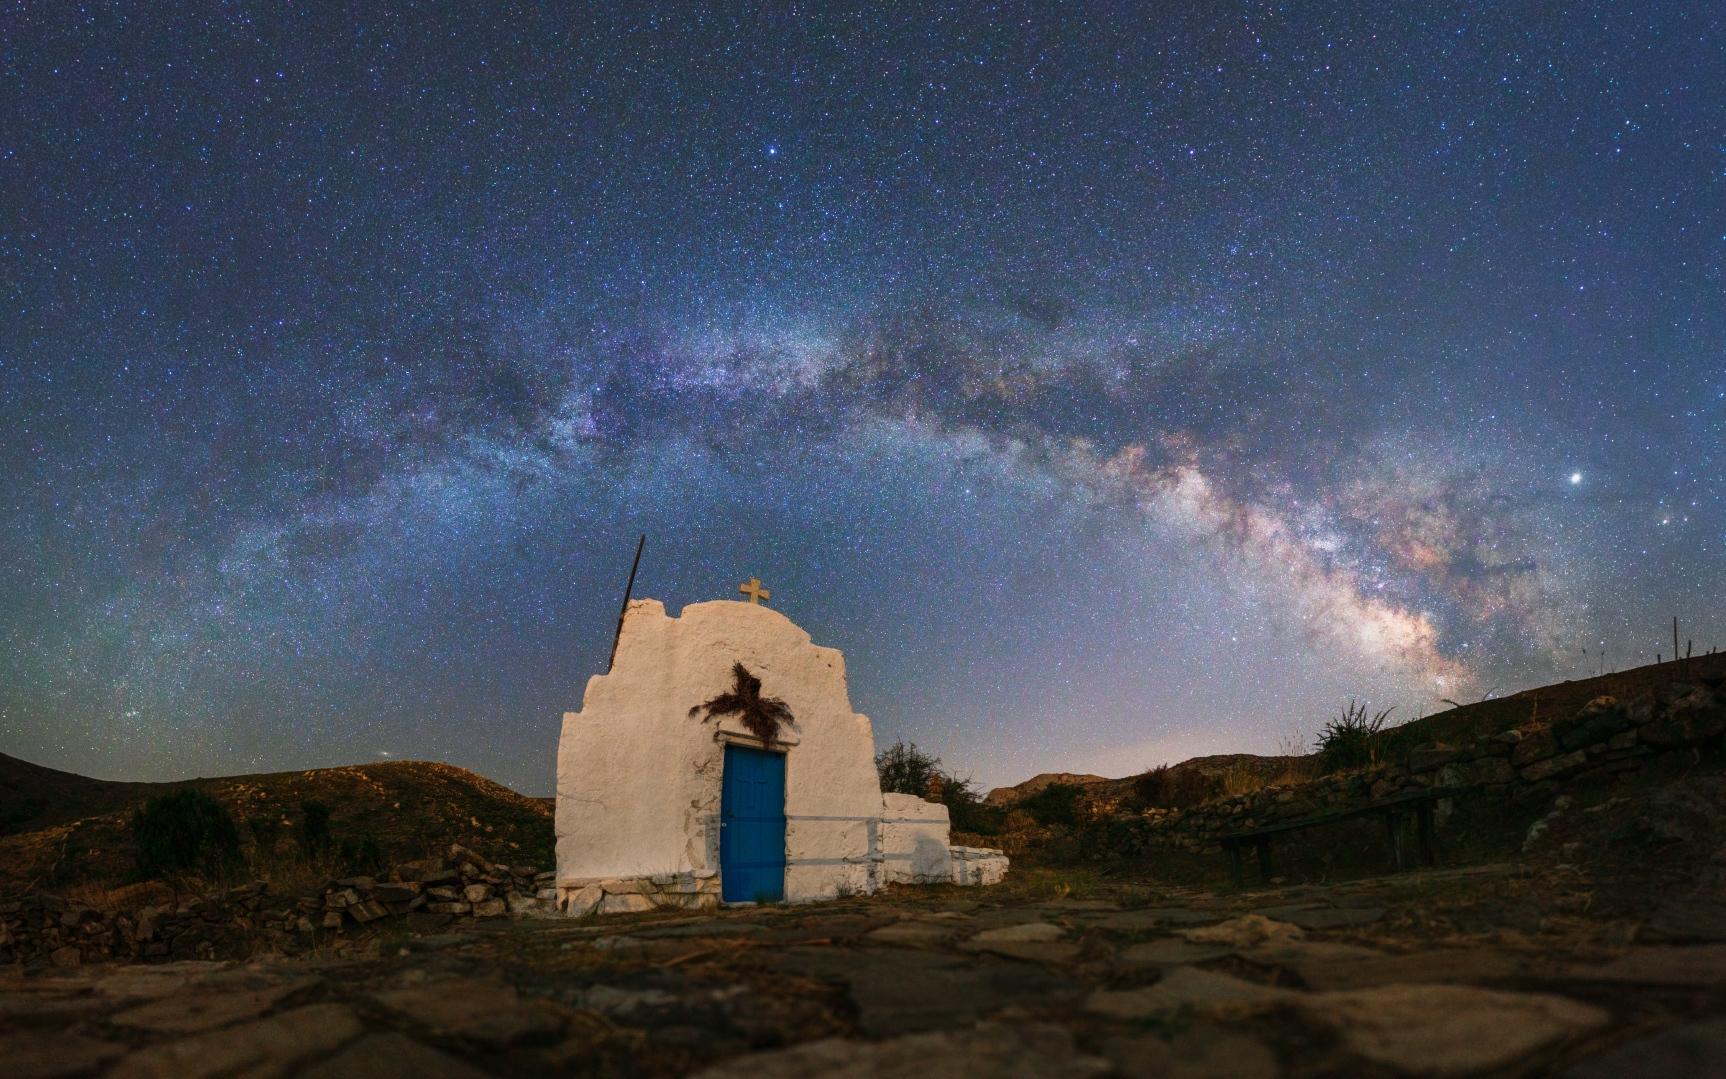 église grecque, paysage nocturne 122643-1570826068